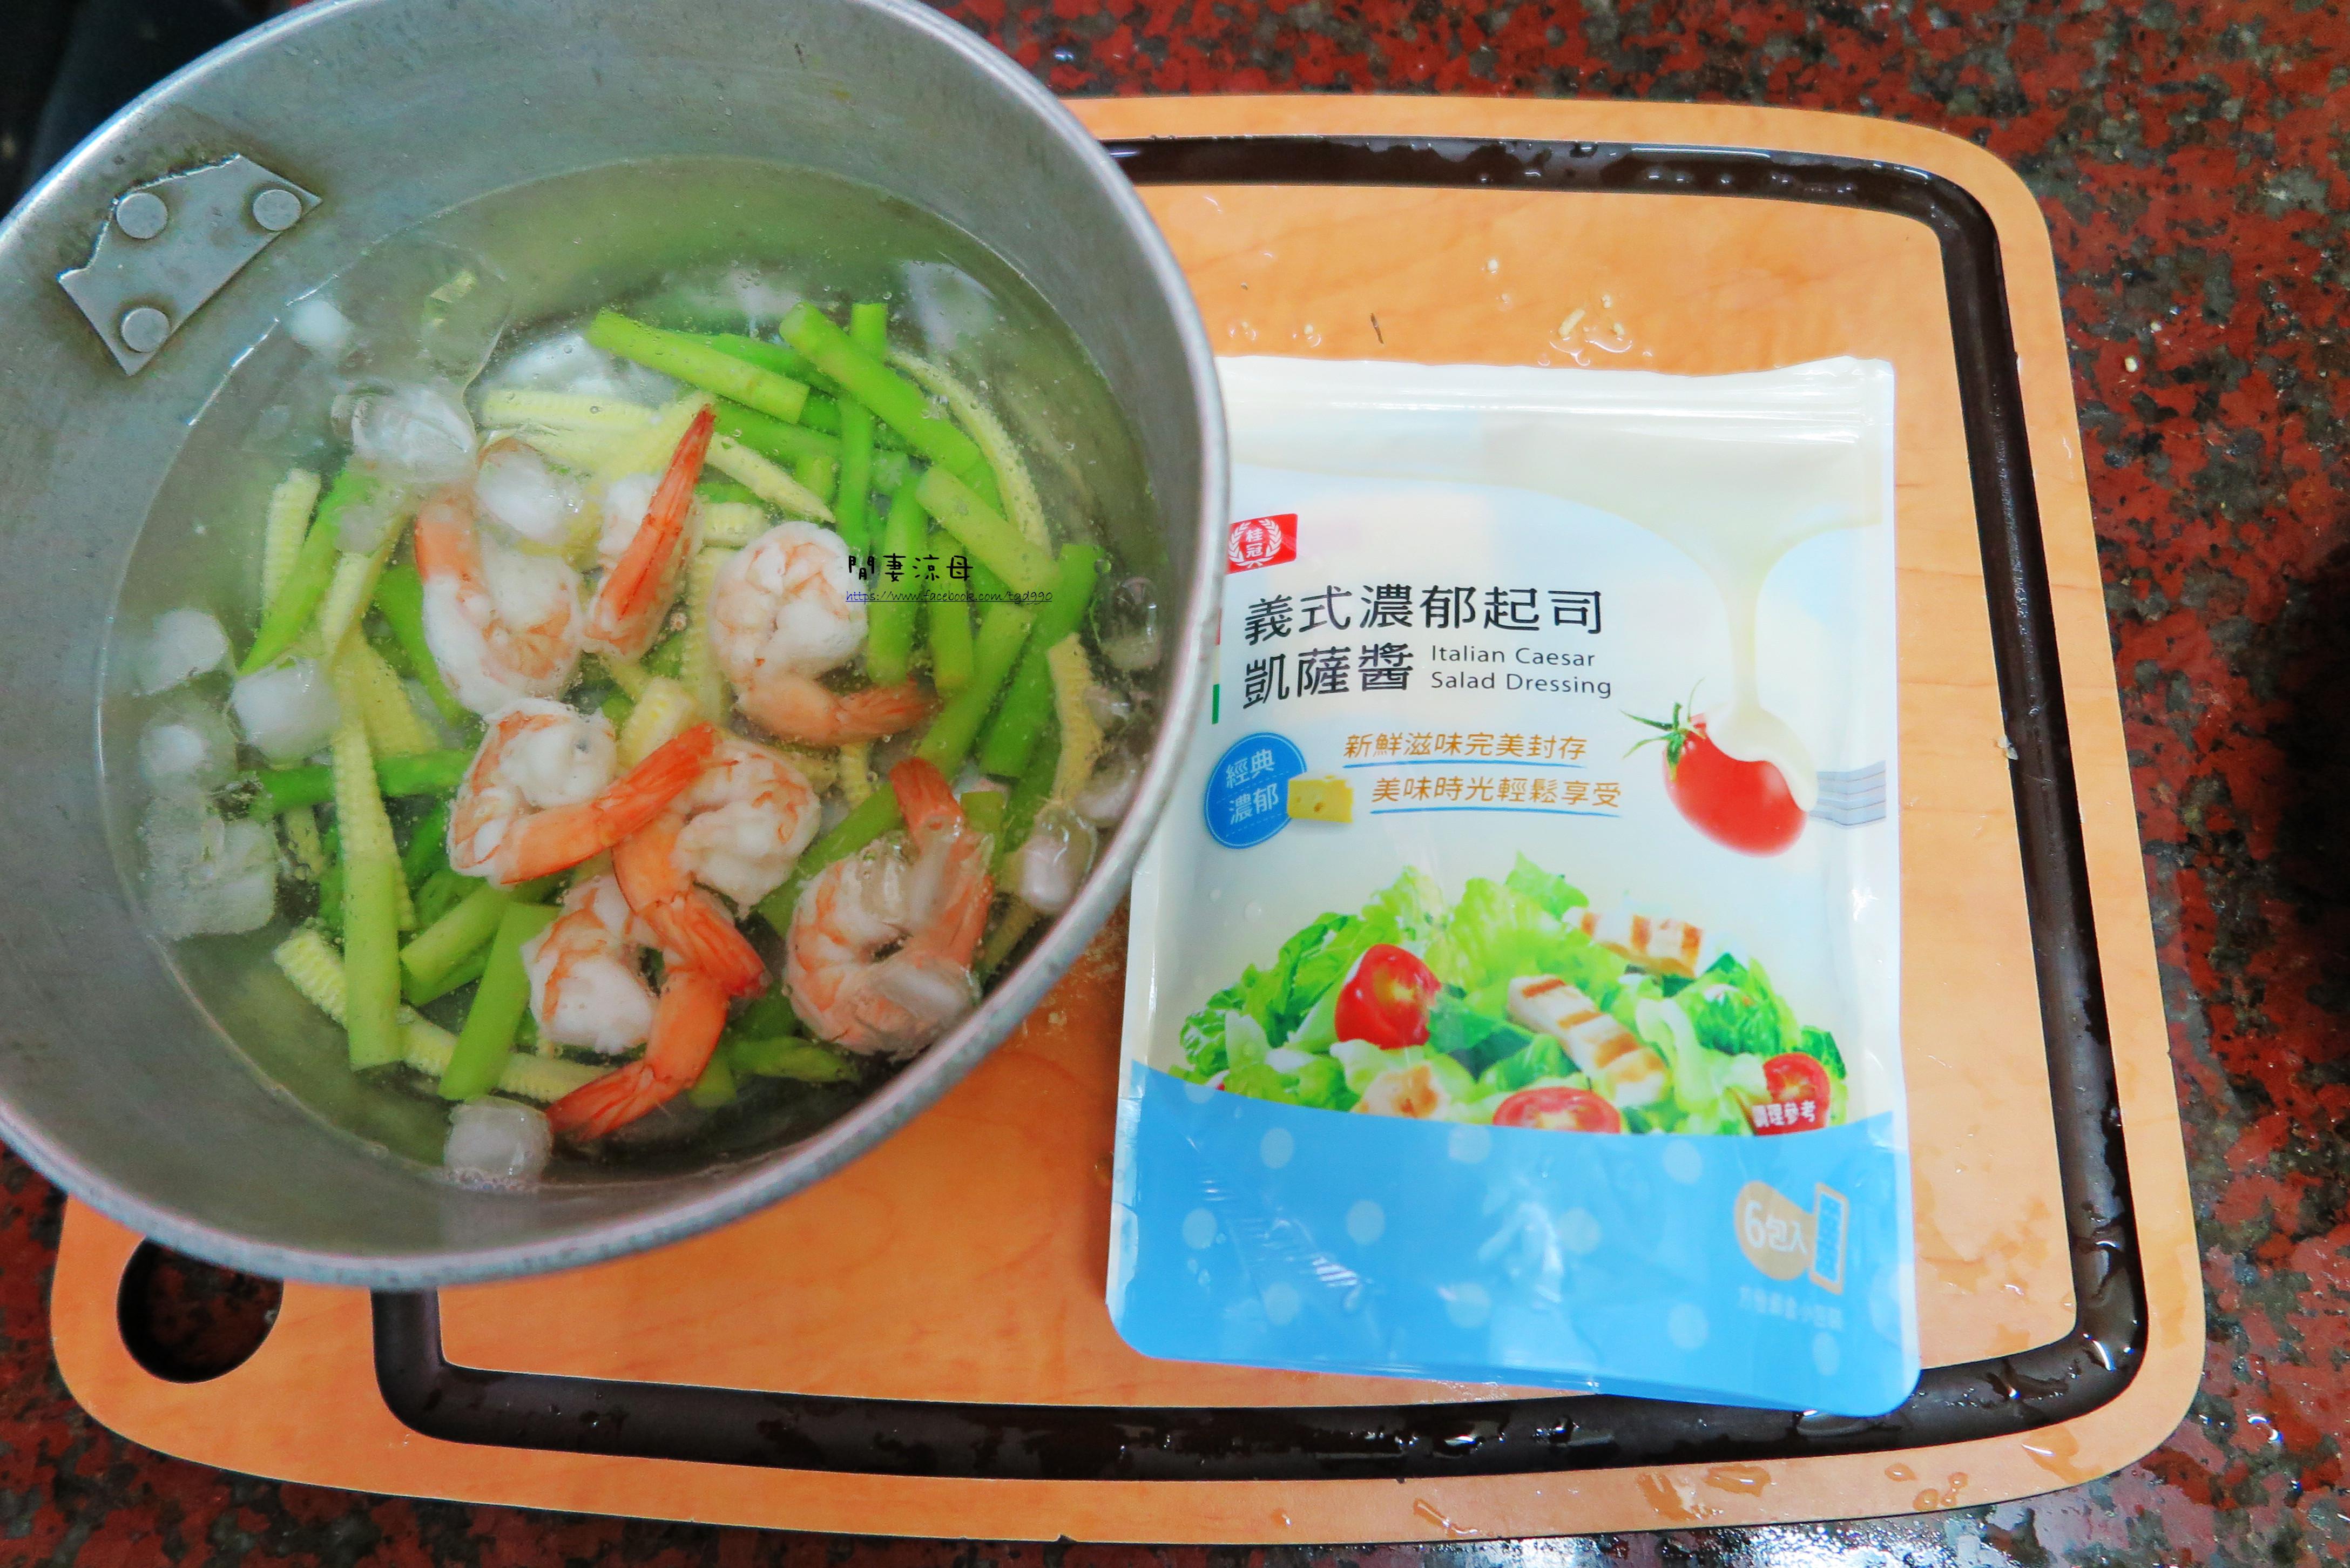 家庭必備之炎夏涼爽就醬拌-桂冠風味沙拉的第 9 張圖片